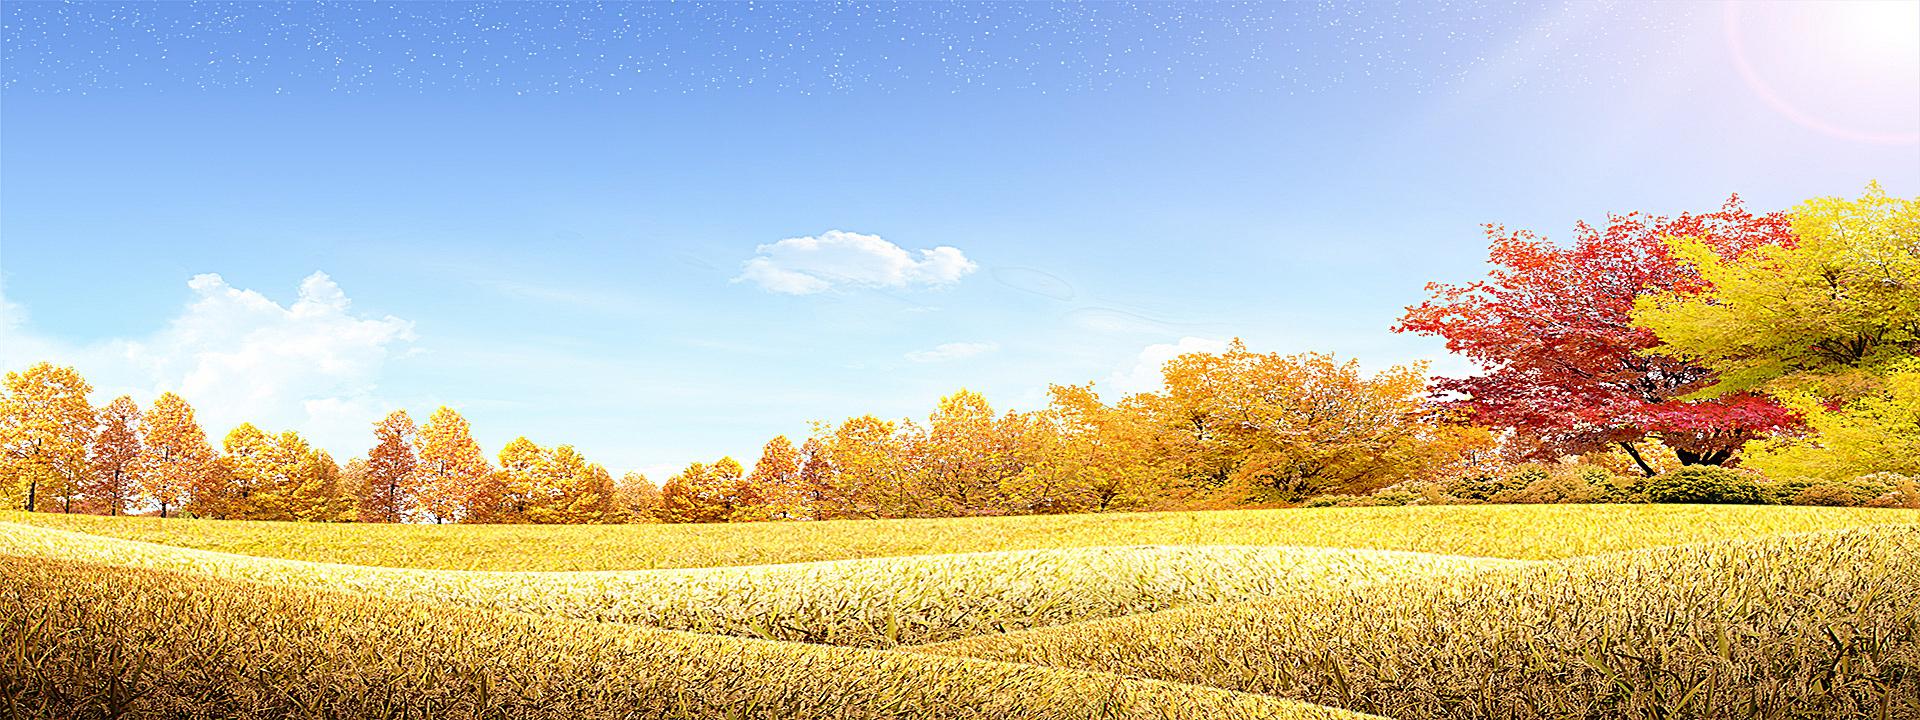 90设计提供秋季风景背景设计素材下载,高清psd格式.